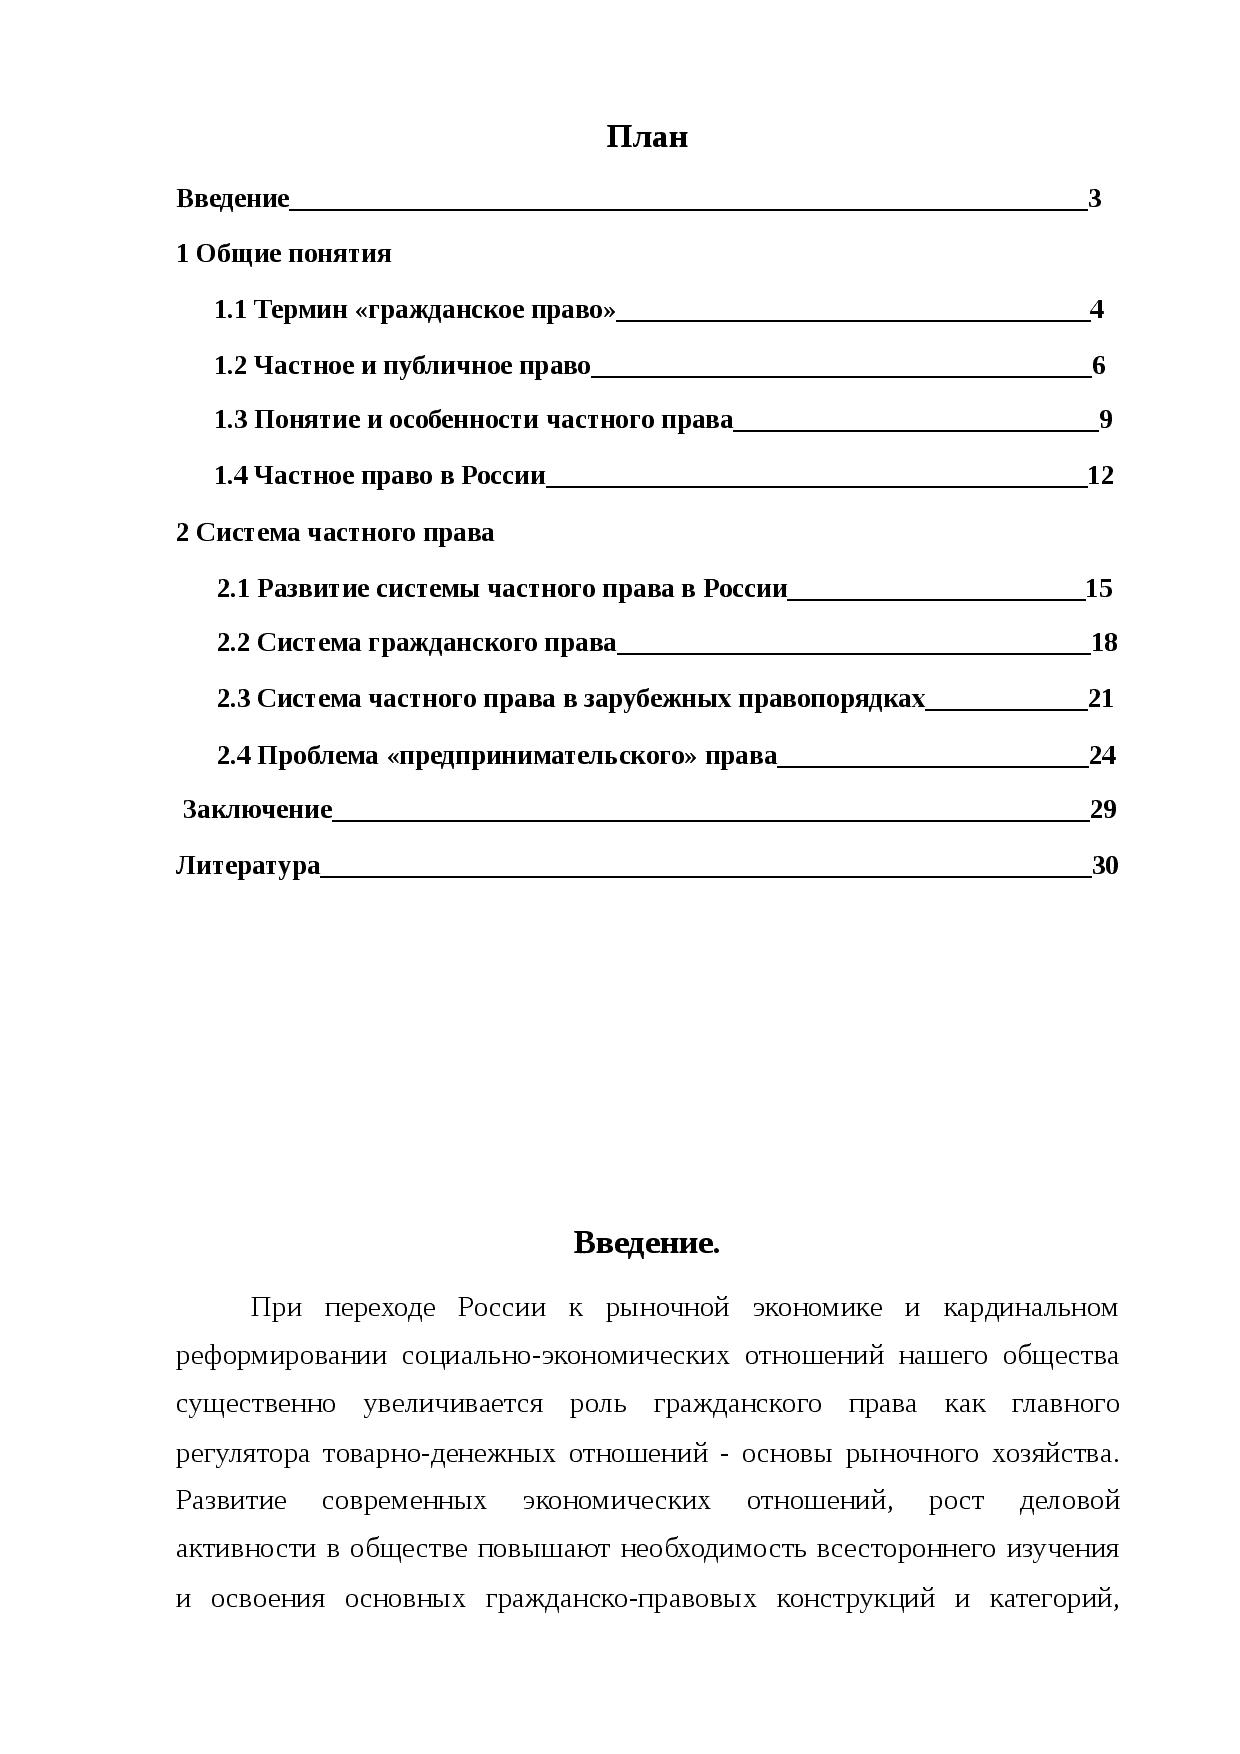 Признаки частного права